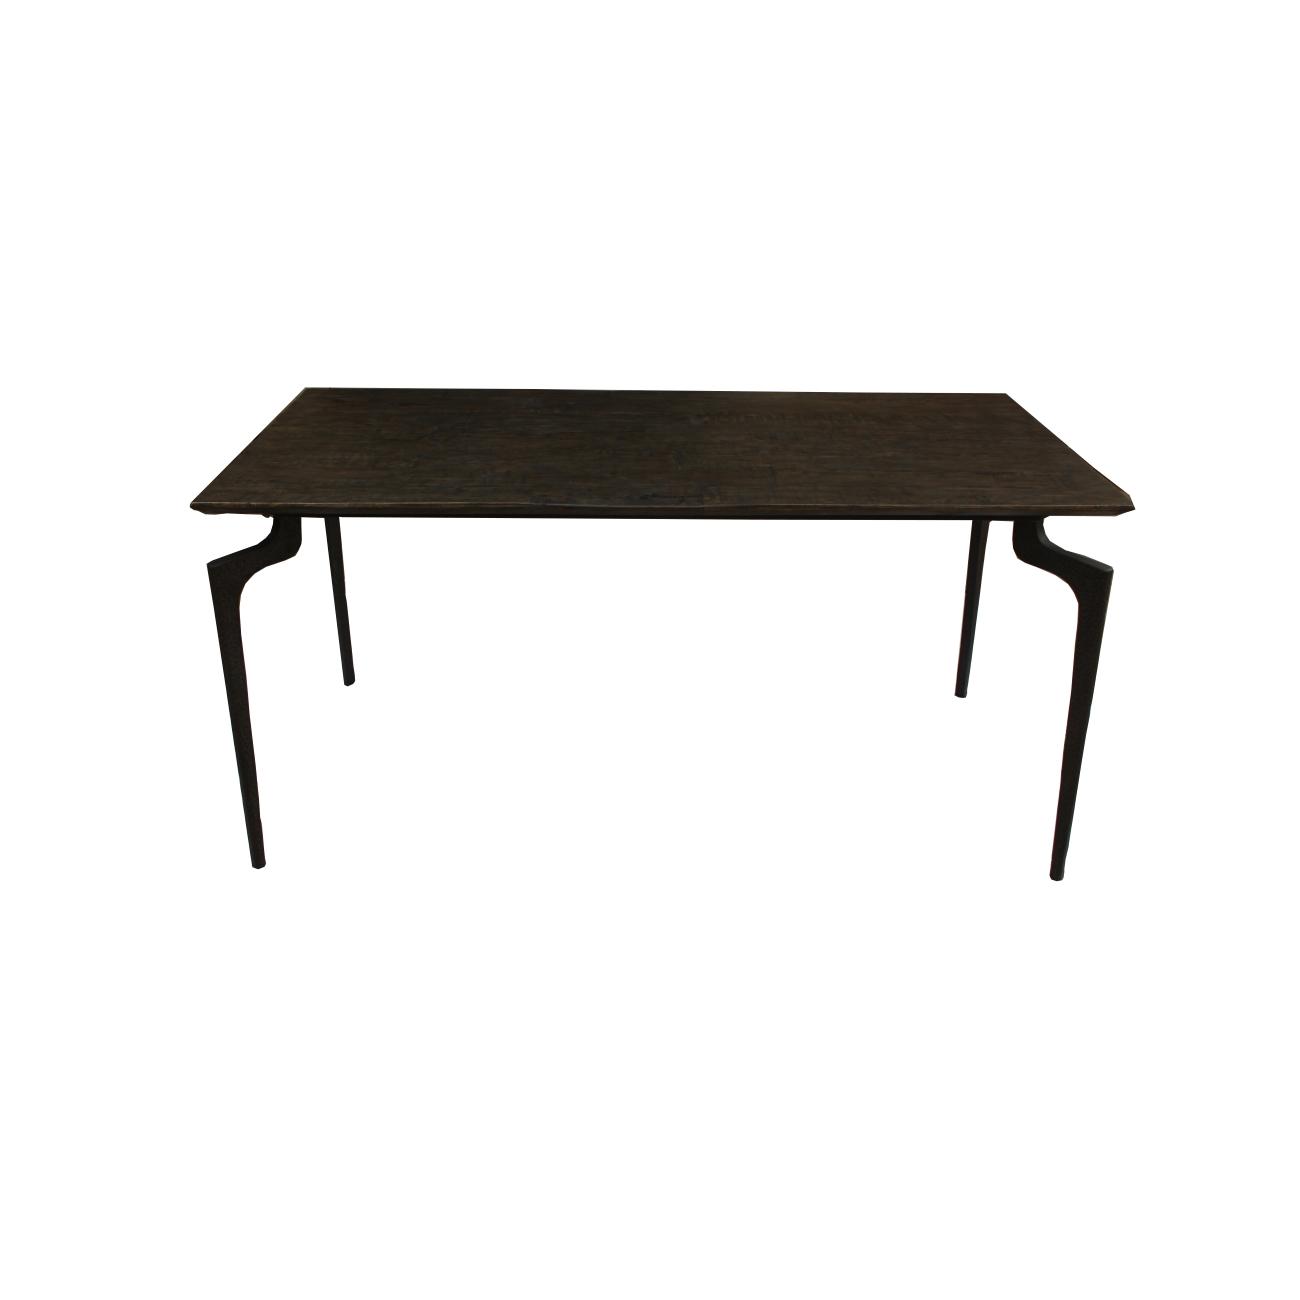 Matbord mörkt trä 160 cm järnben, Nordal